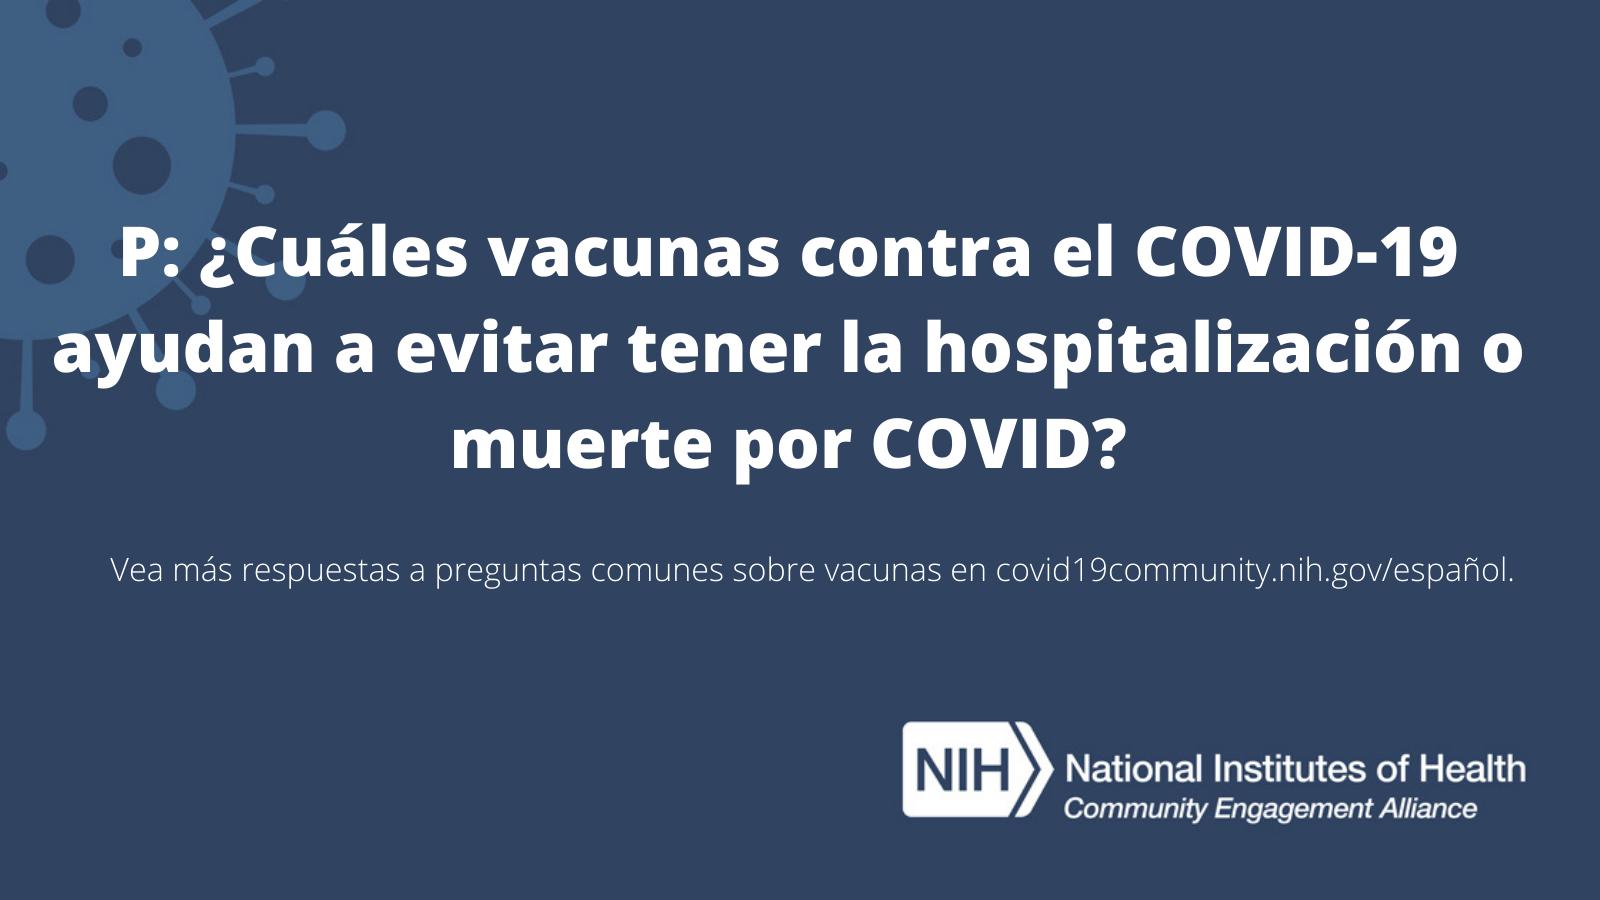 P: ¿Cuáles vacunas contra el COVID-19 ayudan a evitar tener la hospitalización o muerte por COVID?